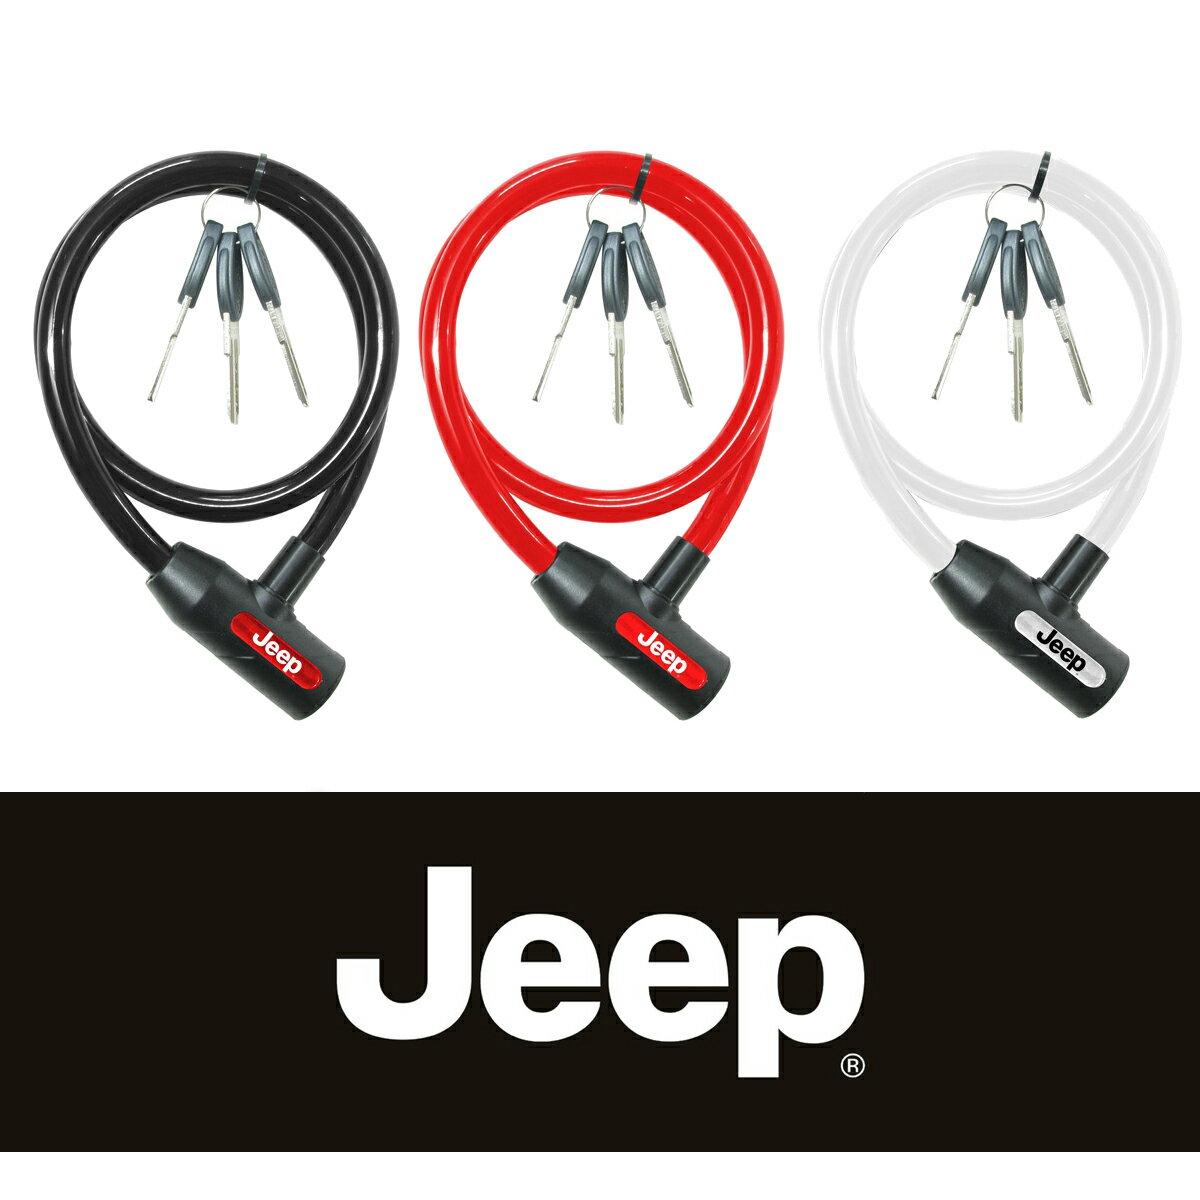 JEEP(ジープ) ワイヤーロック 自転車 カギ